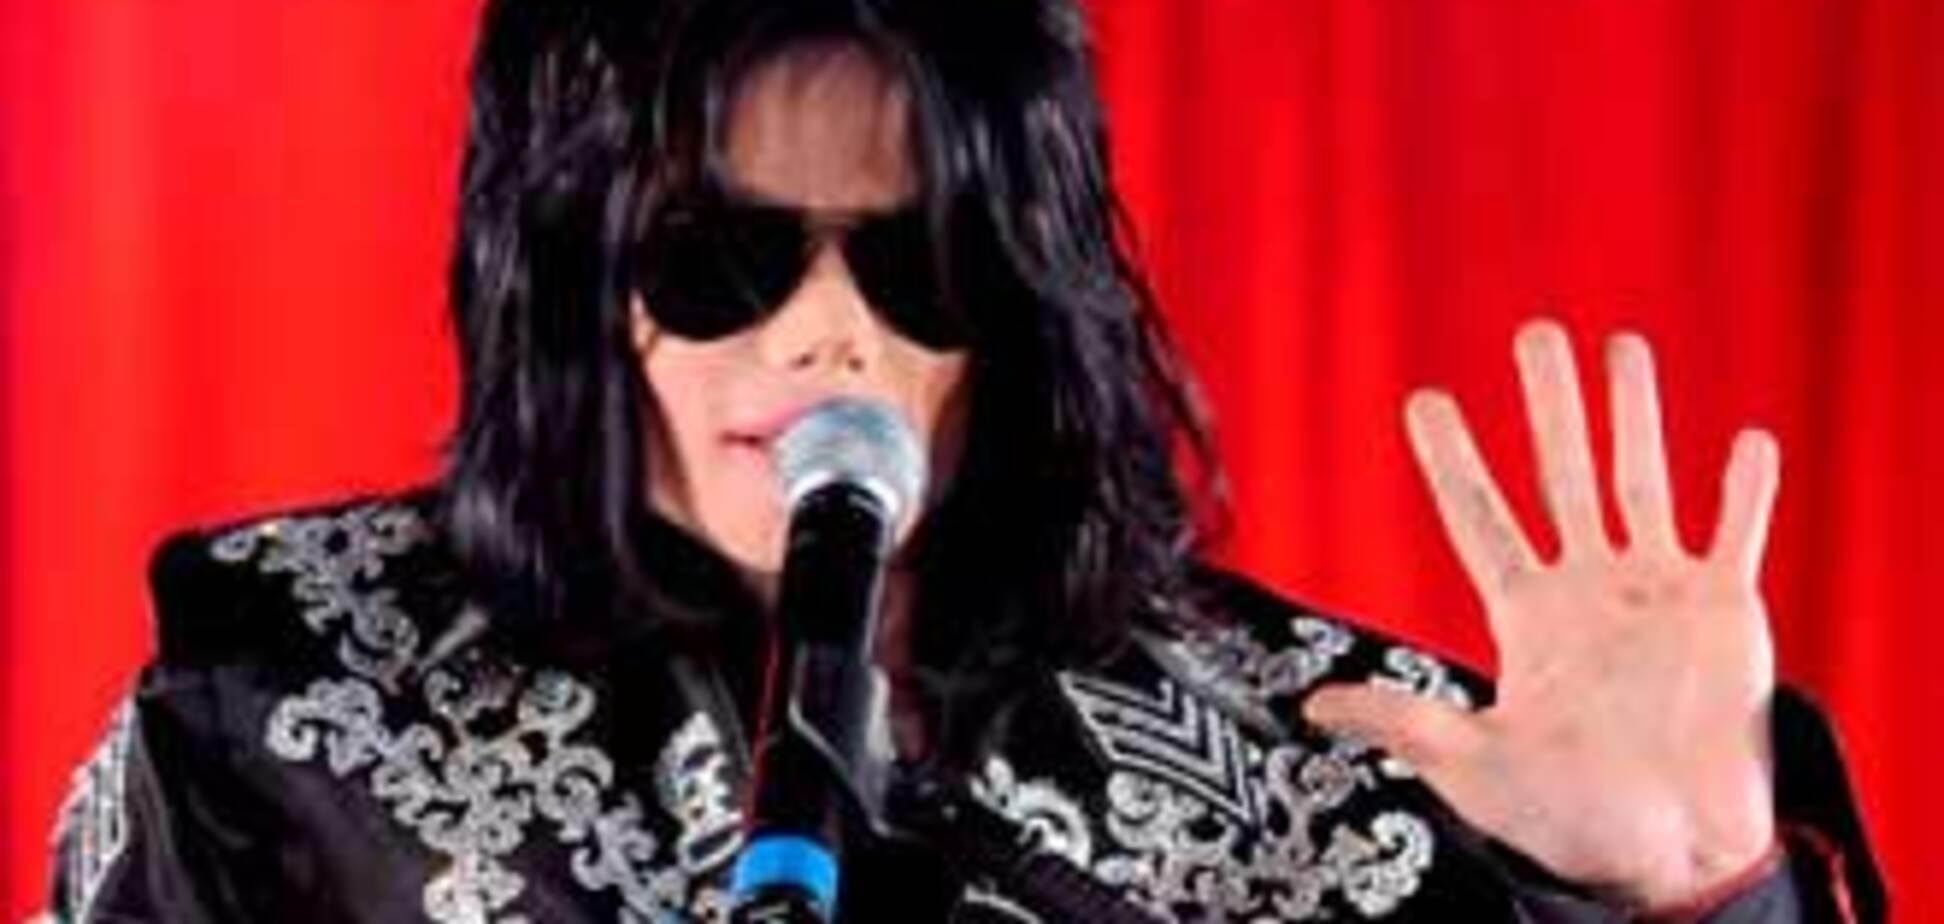 Обнародованы результаты вскрытия Майкла Джексона